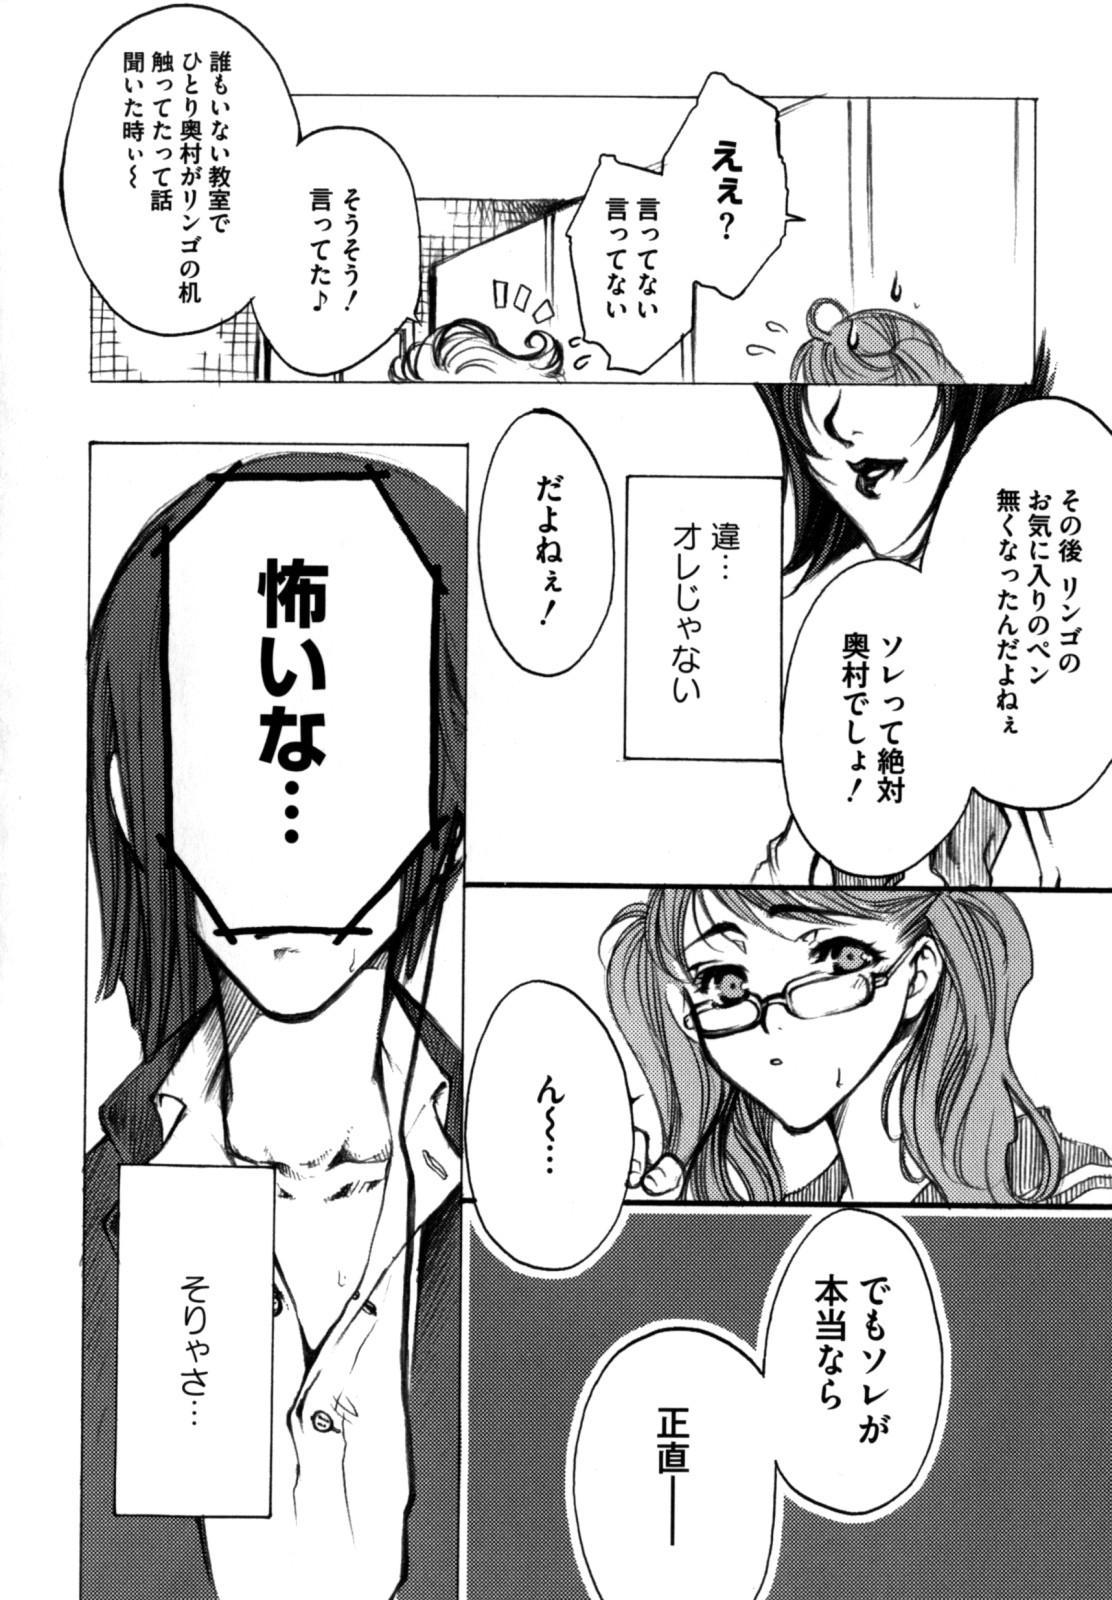 Shikijou no Erosu 93